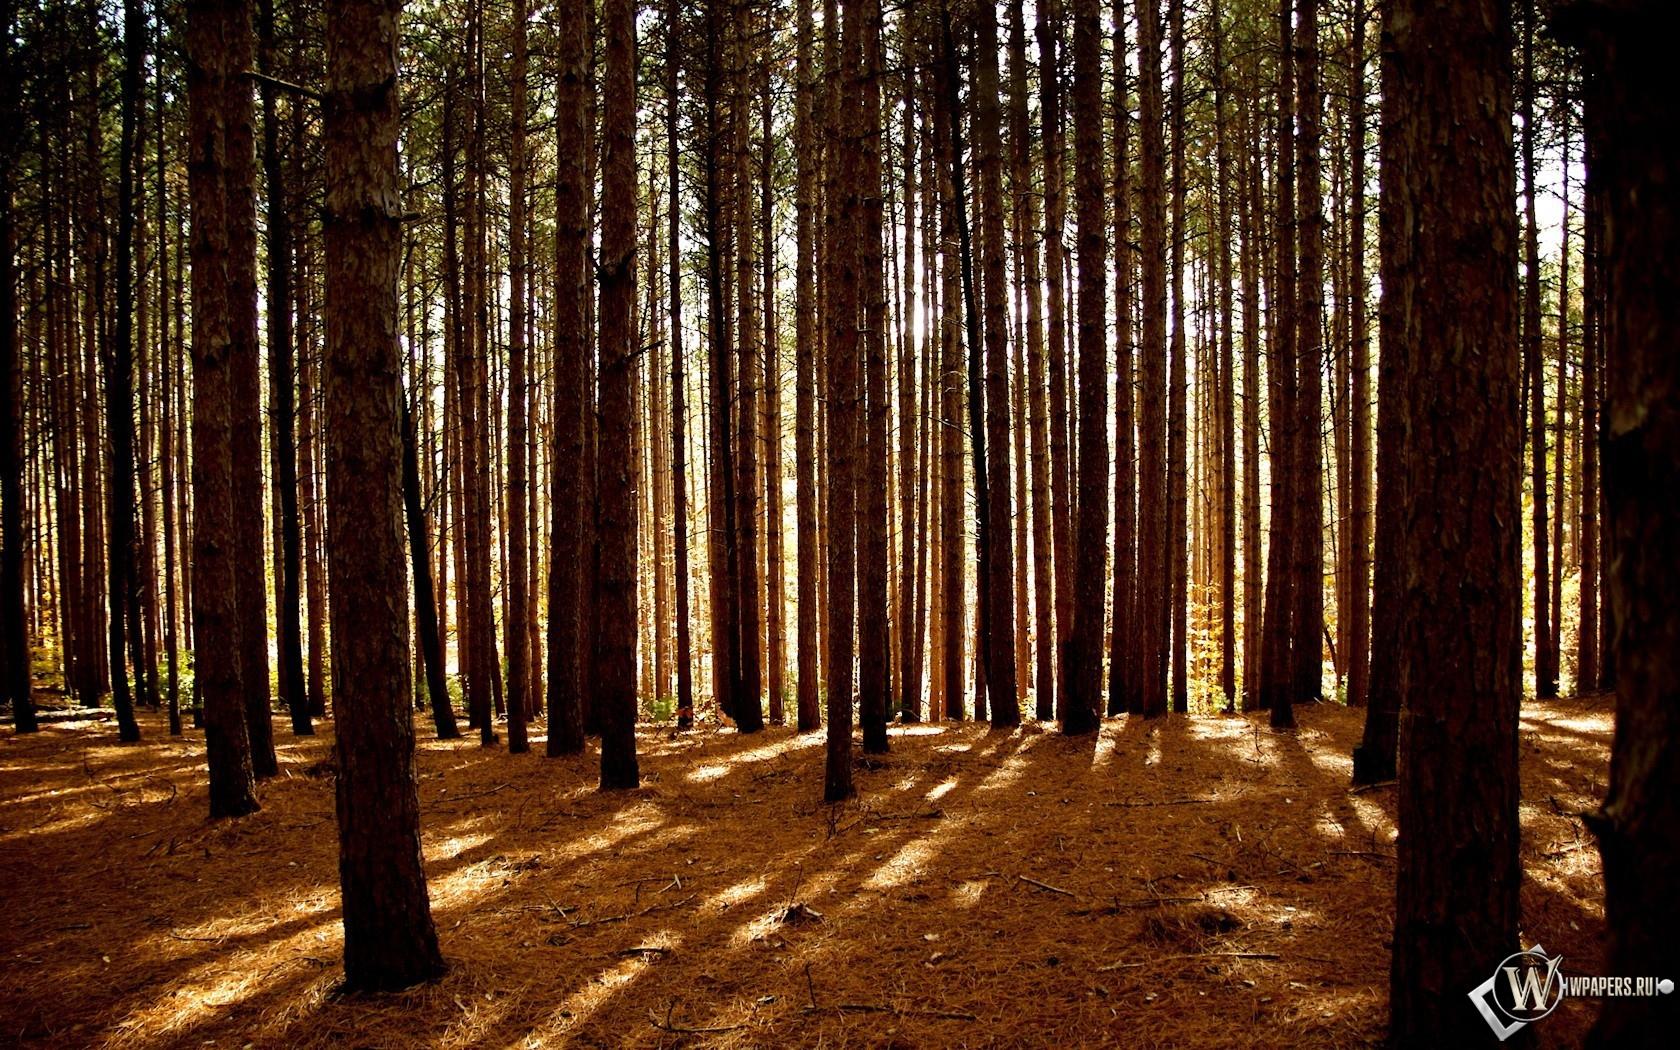 Сосновый лес 1680x1050